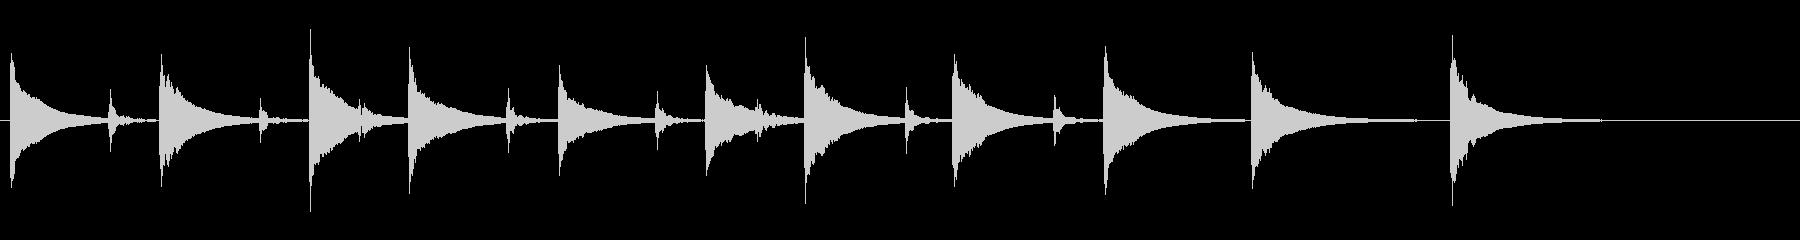 土着的トーキングドラムのフレーズ音の未再生の波形